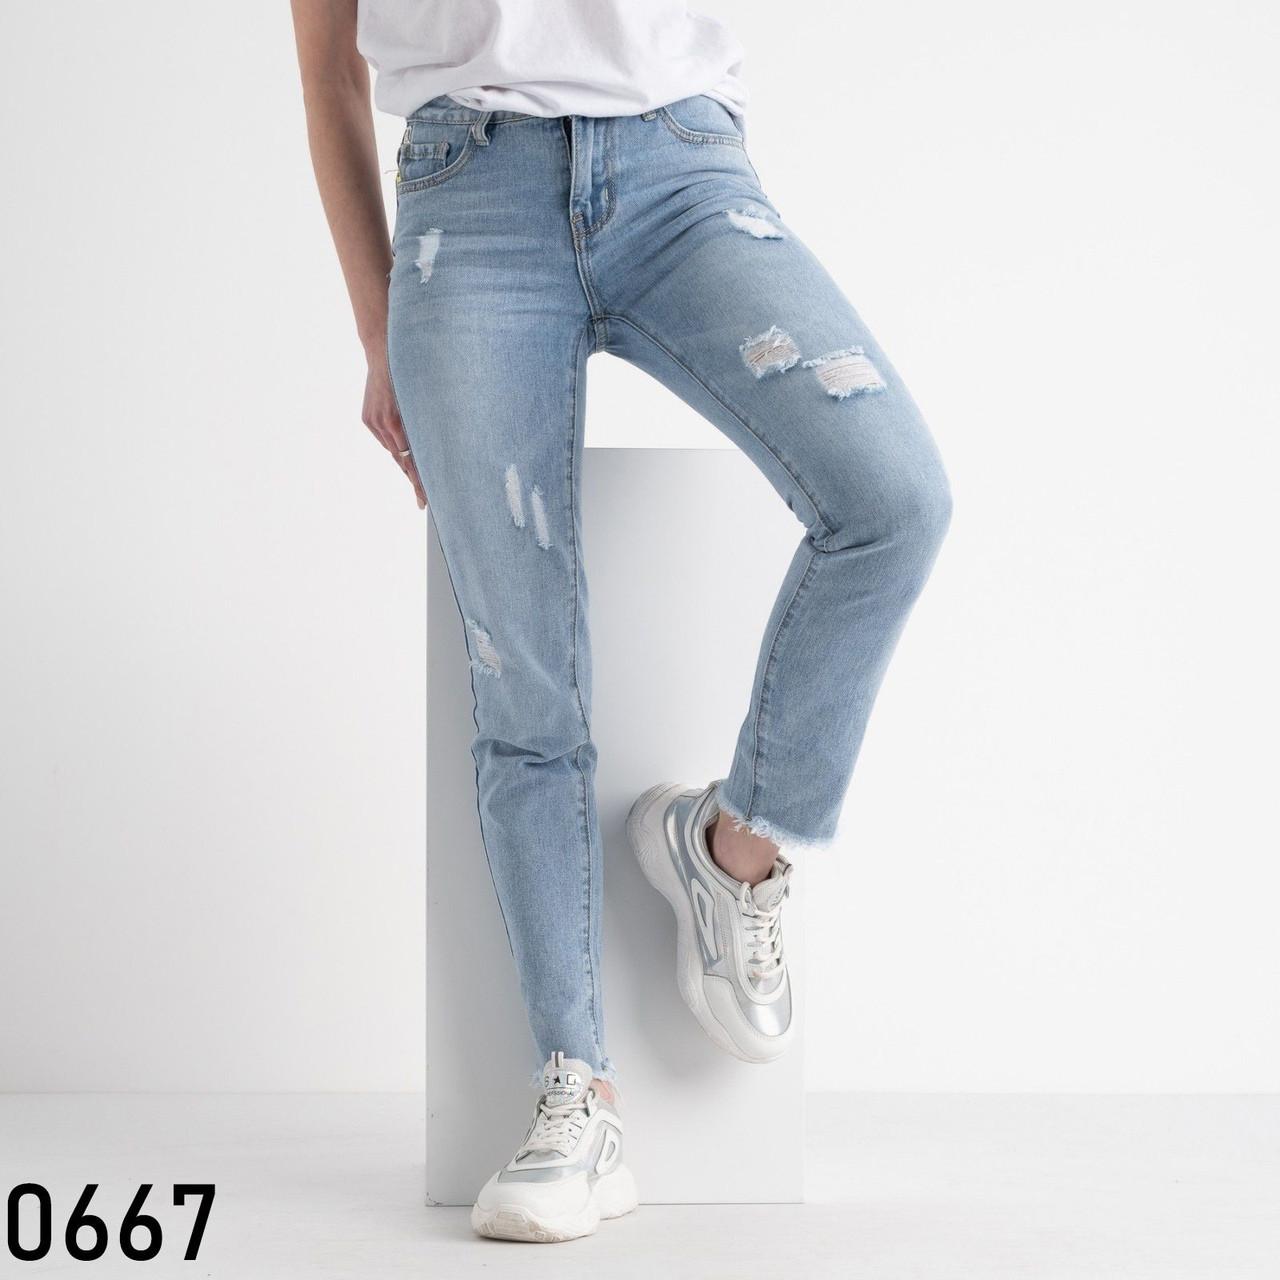 Рваные голубые женские джинсы МОМ (момы) New jeans 1-0667